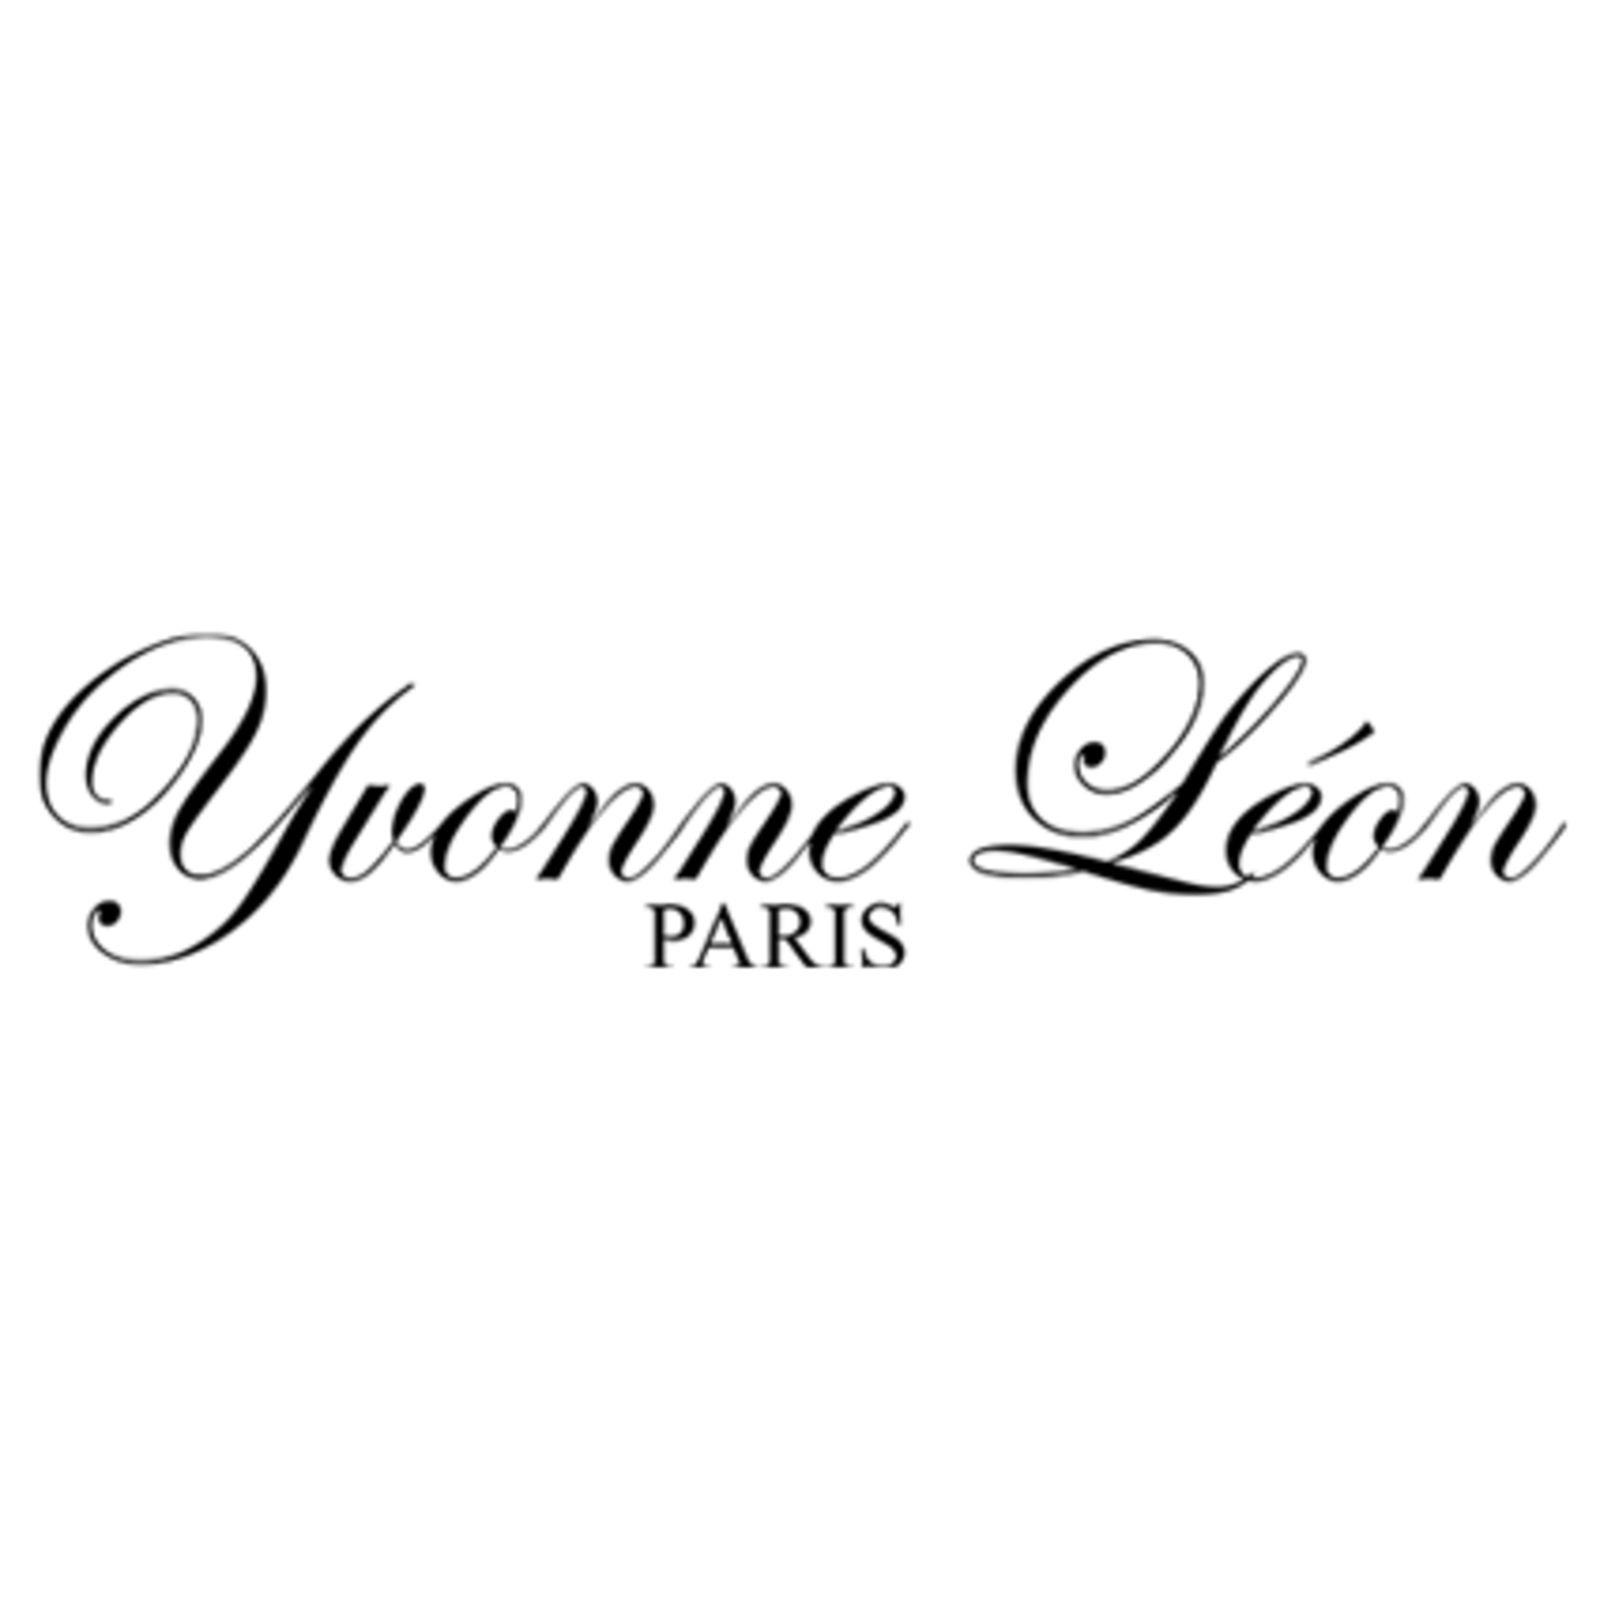 Yvonne Léon